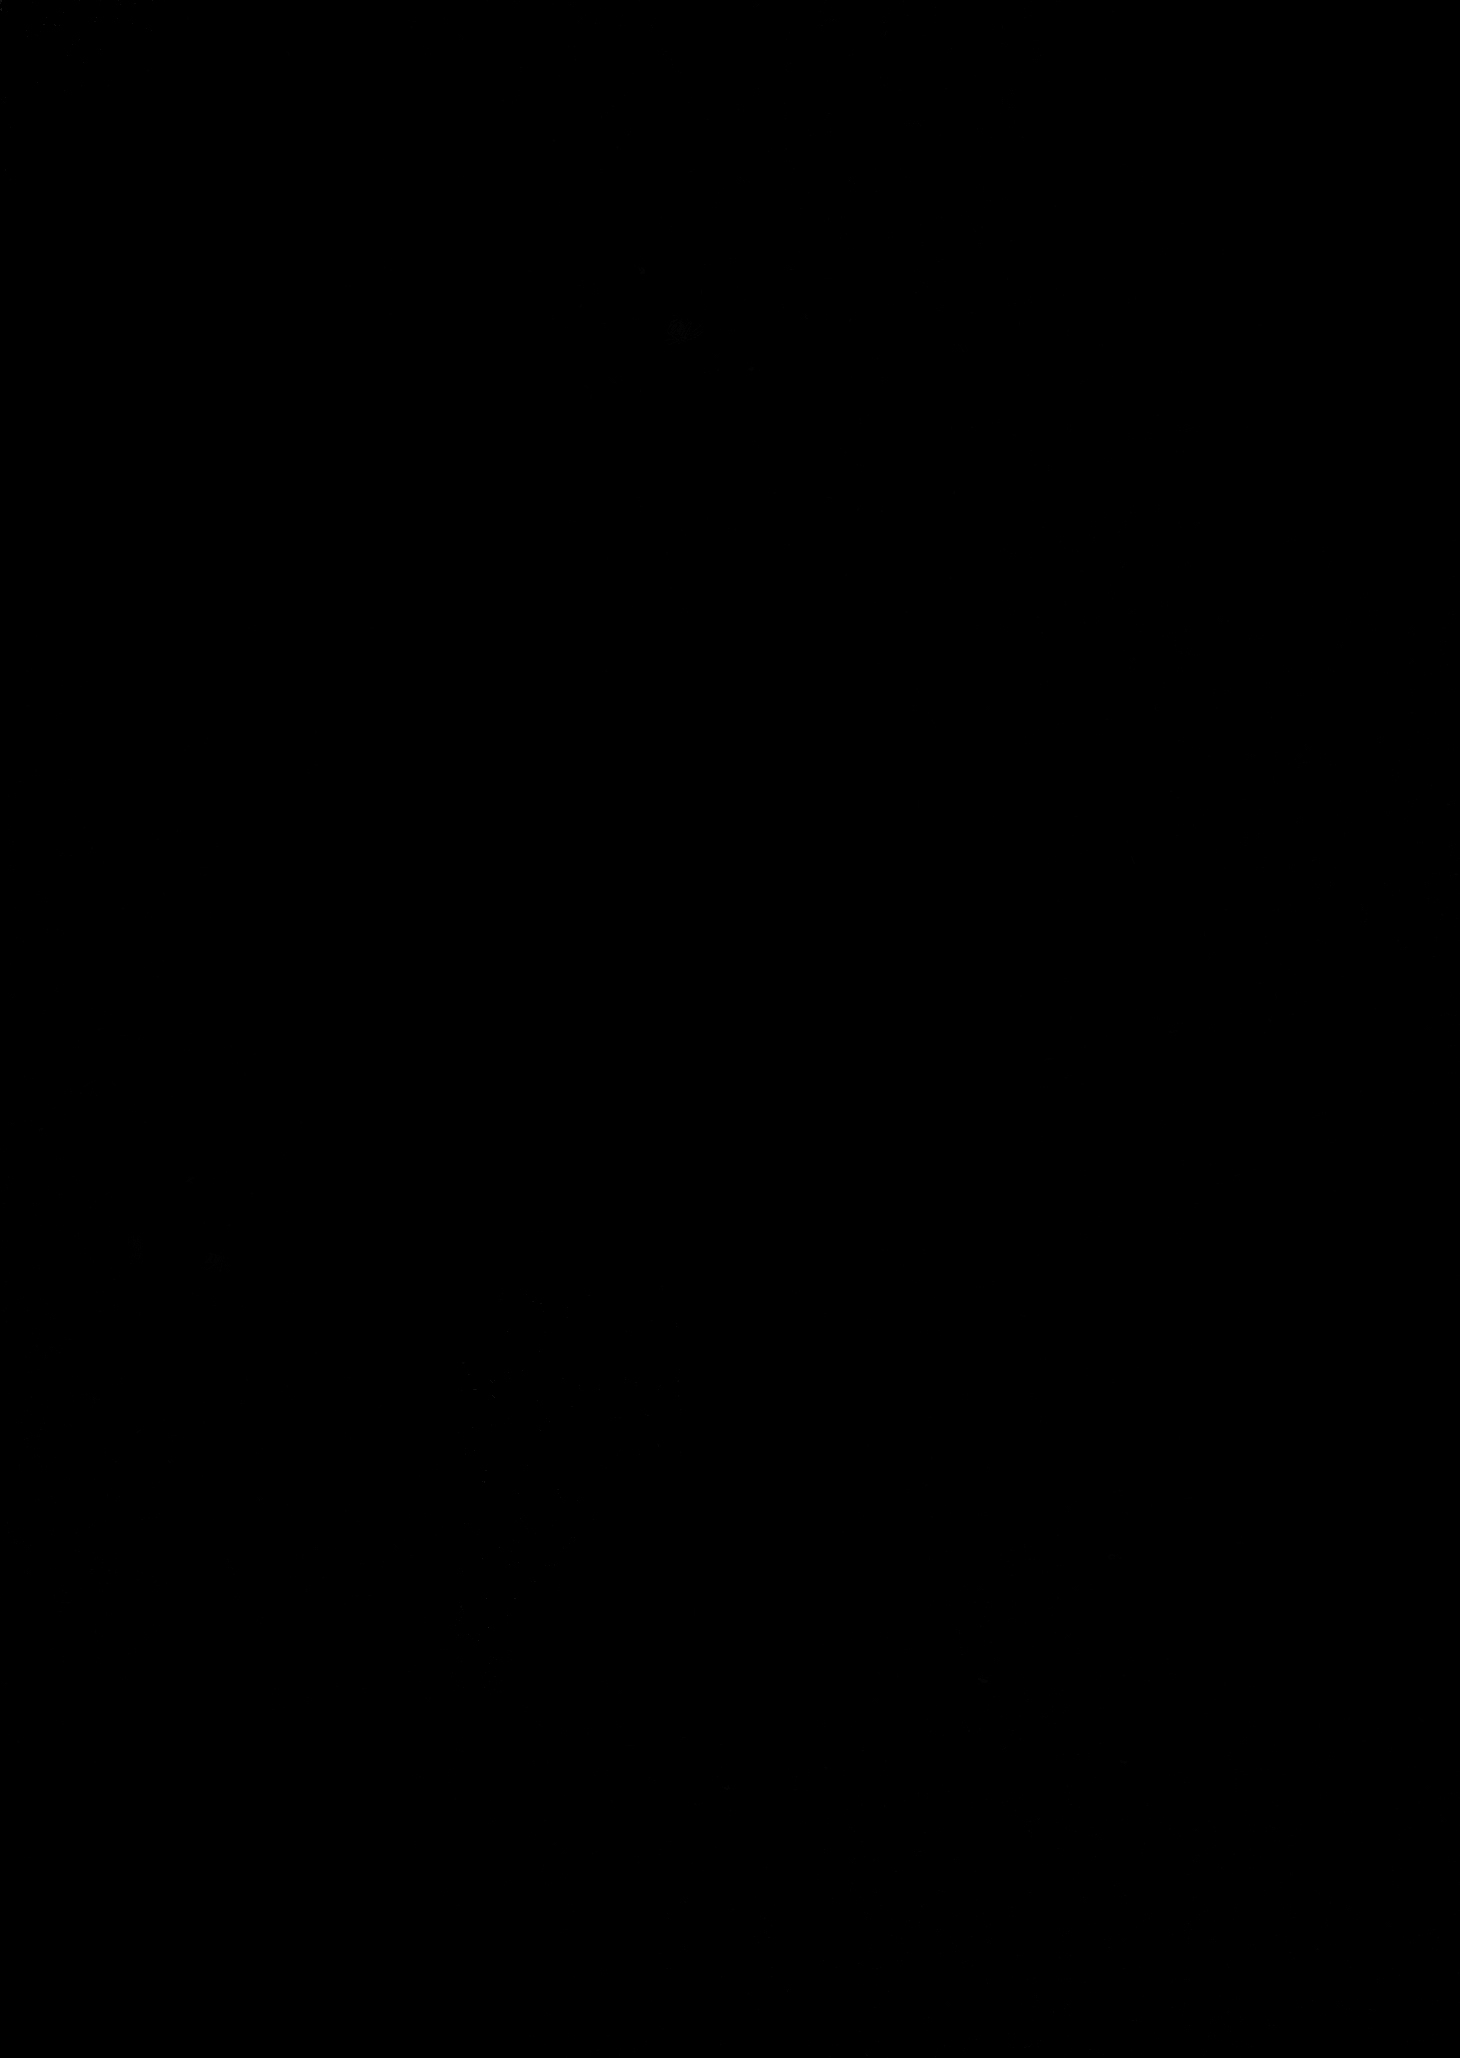 S/2006 S 3